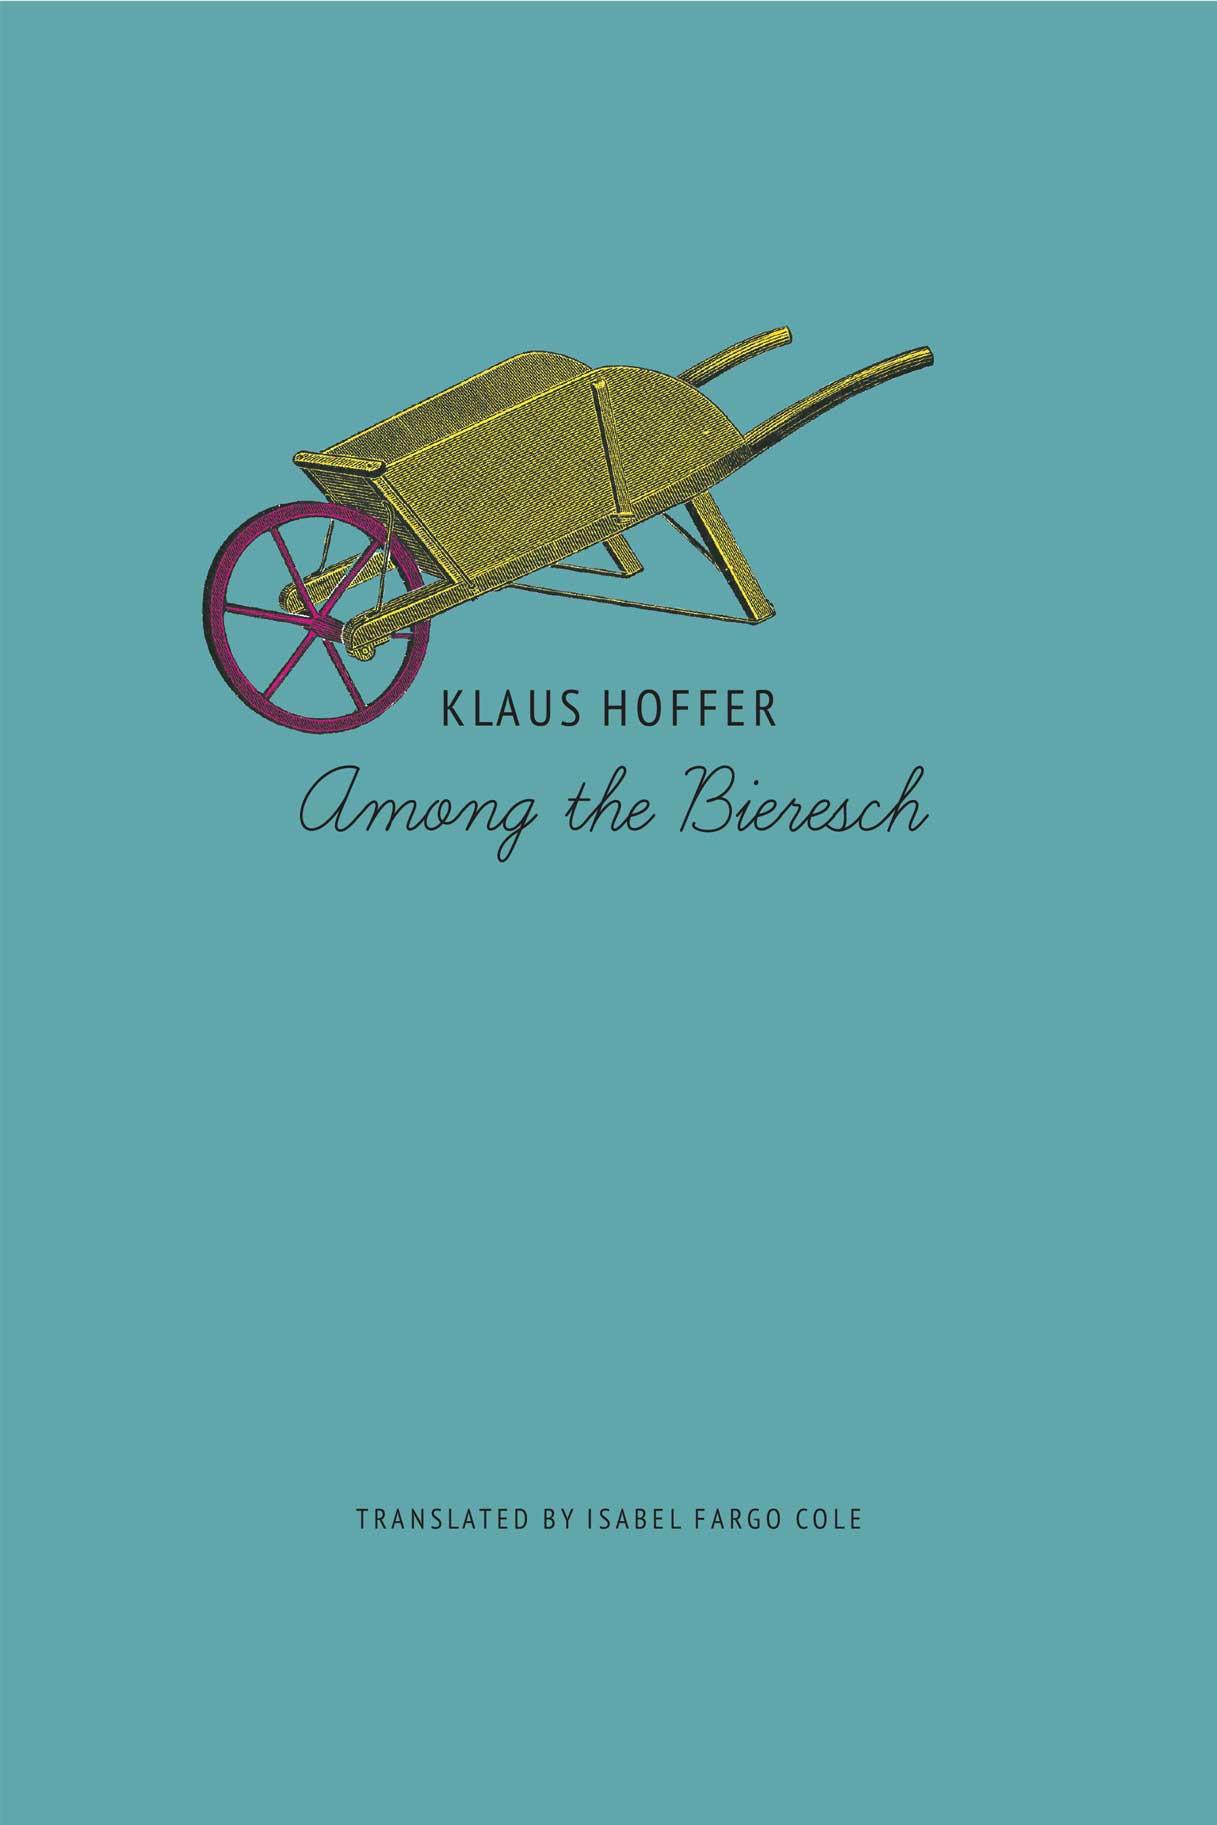 Among the Bieresch by Klaus Hoffer |  Seagull Books